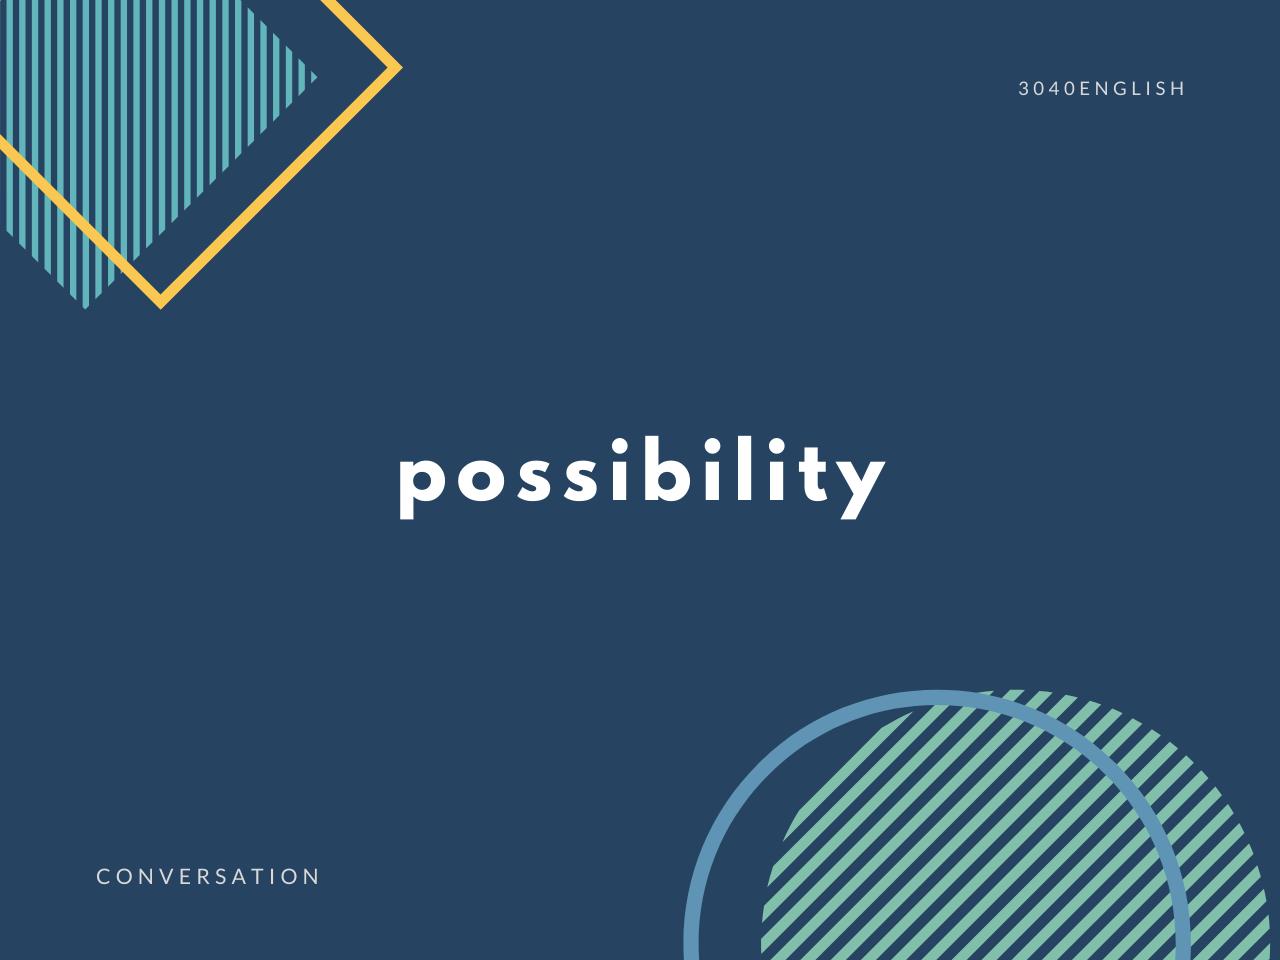 「可能性が高い・低い」の英語表現3選【英会話用例文あり】